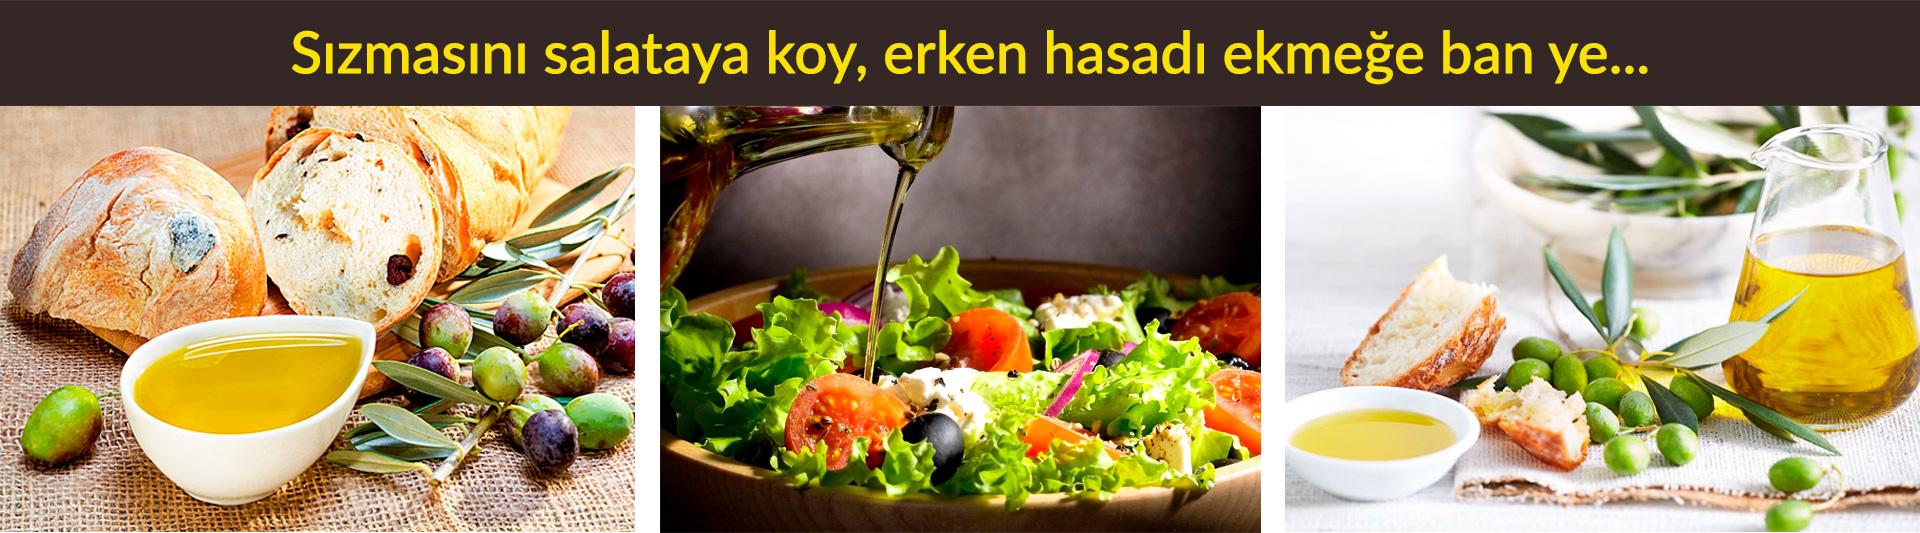 Zeytinyağının Faydaları Kalorisi Yapılışı